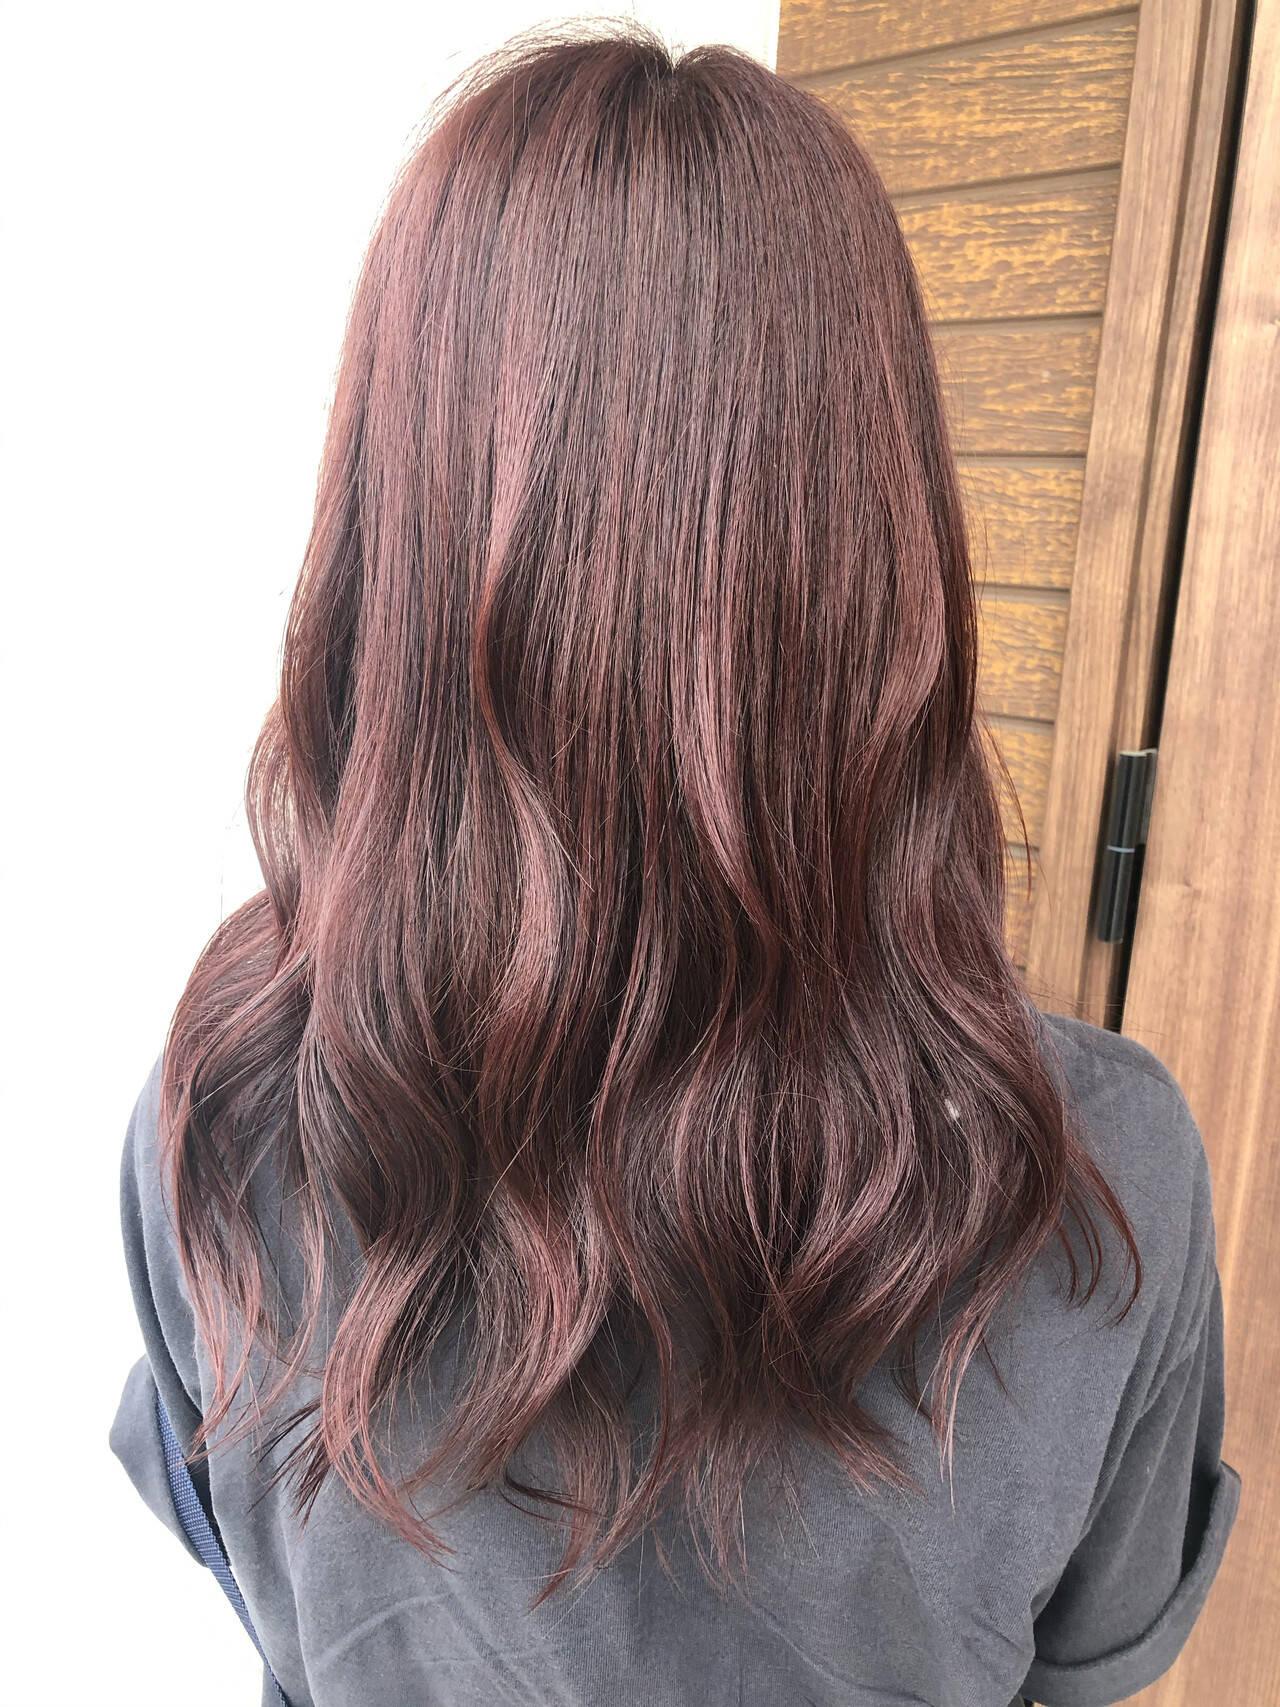 ピンクベージュ セミロング フェミニン ピンクブラウンヘアスタイルや髪型の写真・画像